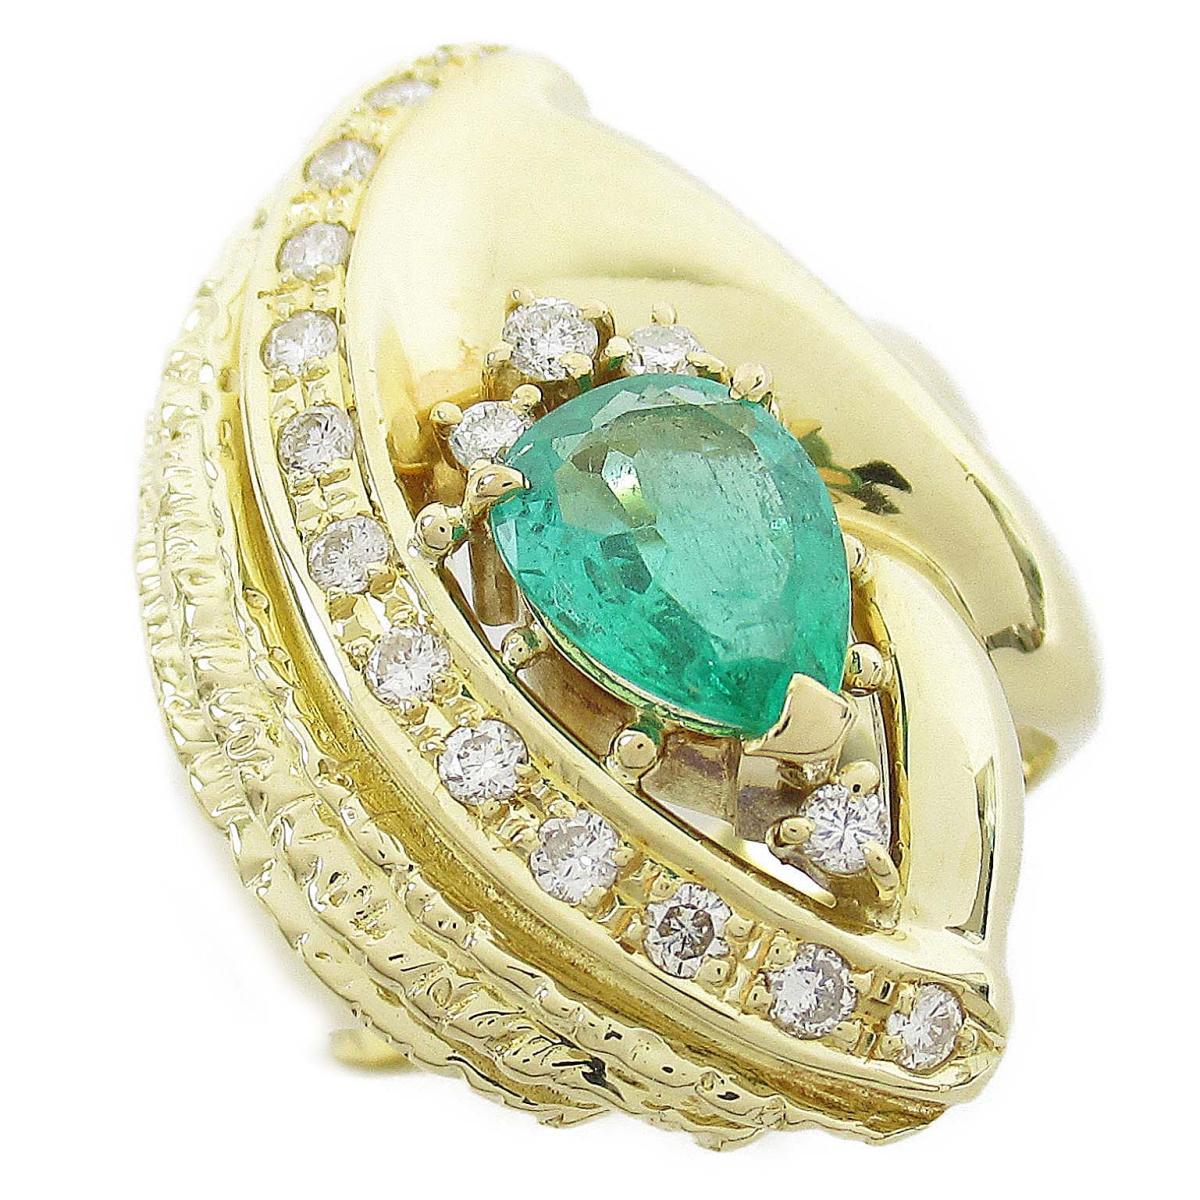 ジュエリー エメラルド ダイヤモンド リング 指輪 ノーブランドジュエリー レディース 18Kイエローゴールド x エメラルド1.25ct ダイヤモンド0.40ct 【中古】 | JEWELRY BRANDOFF ブランドオフ アクセサリー